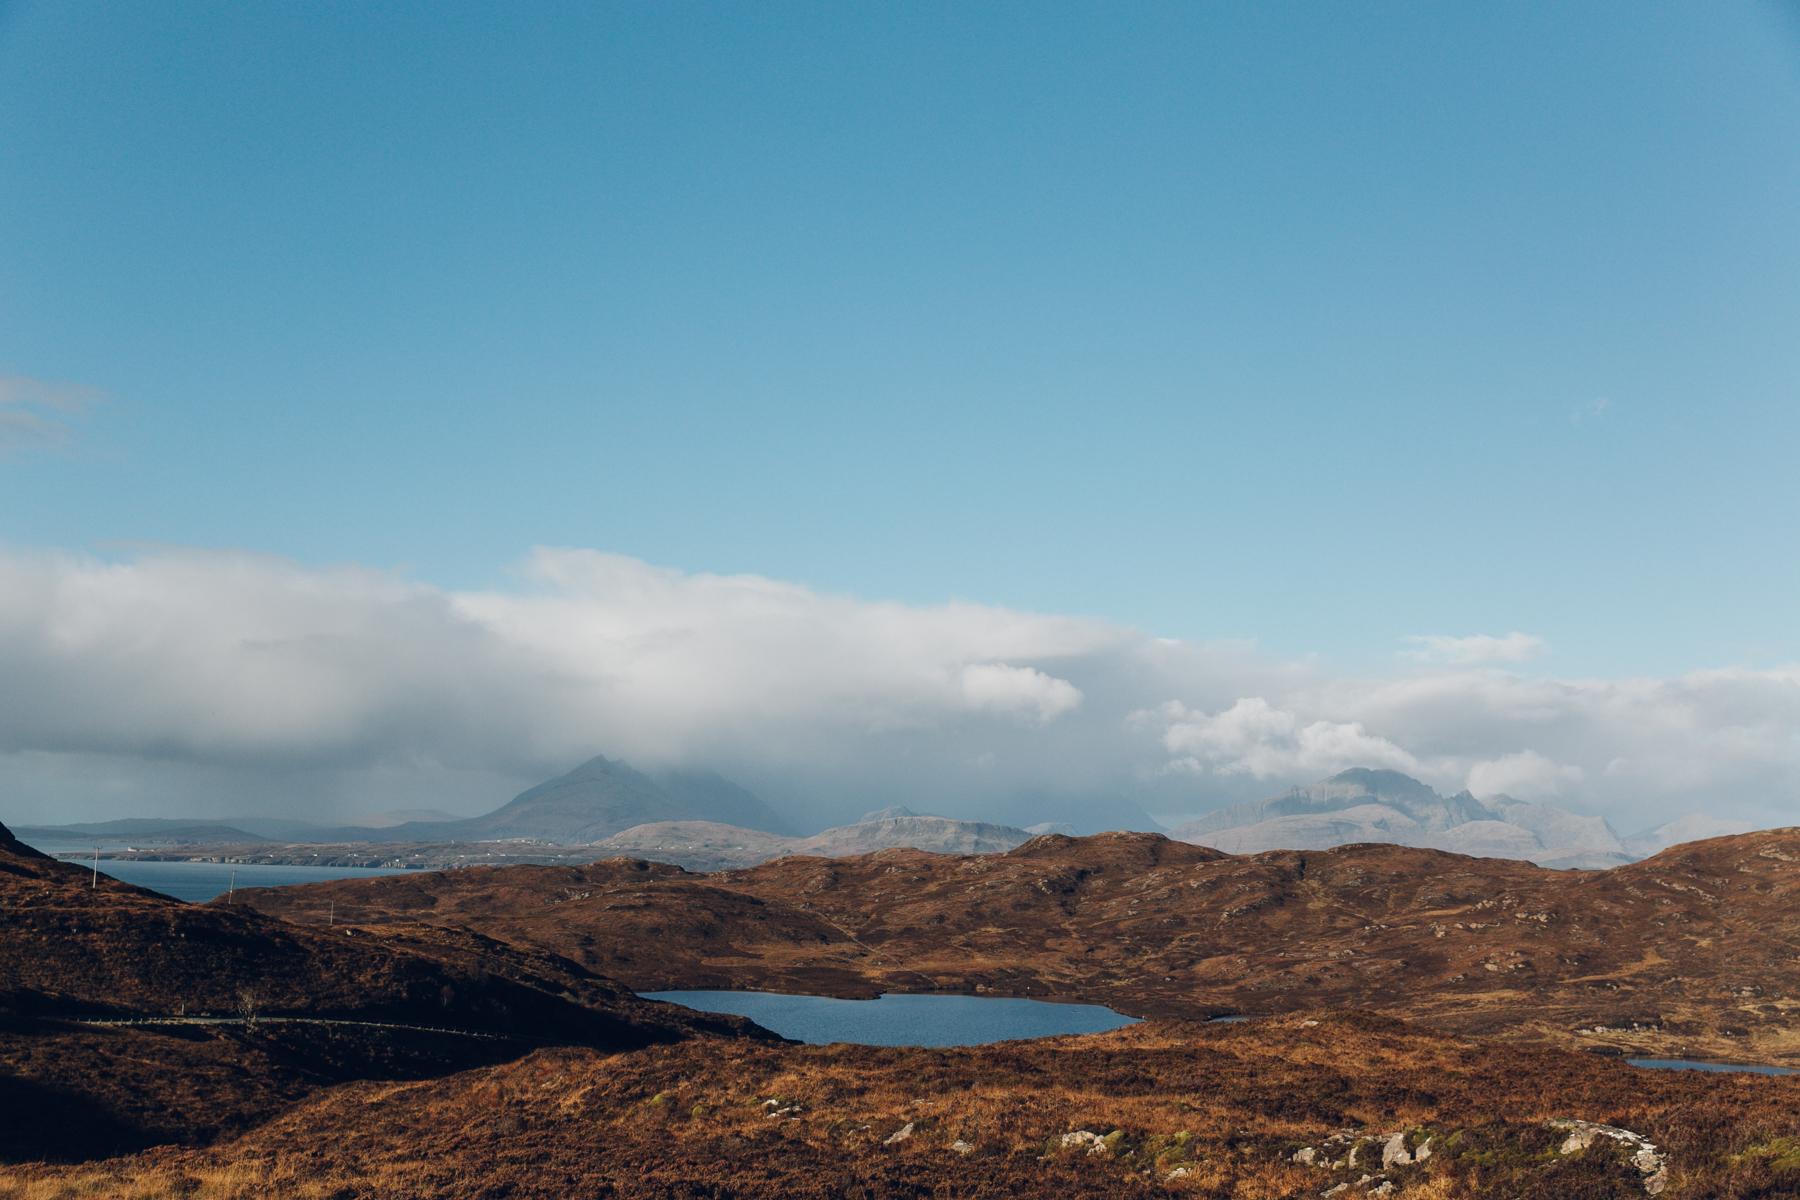 Scotland looking like Mars.